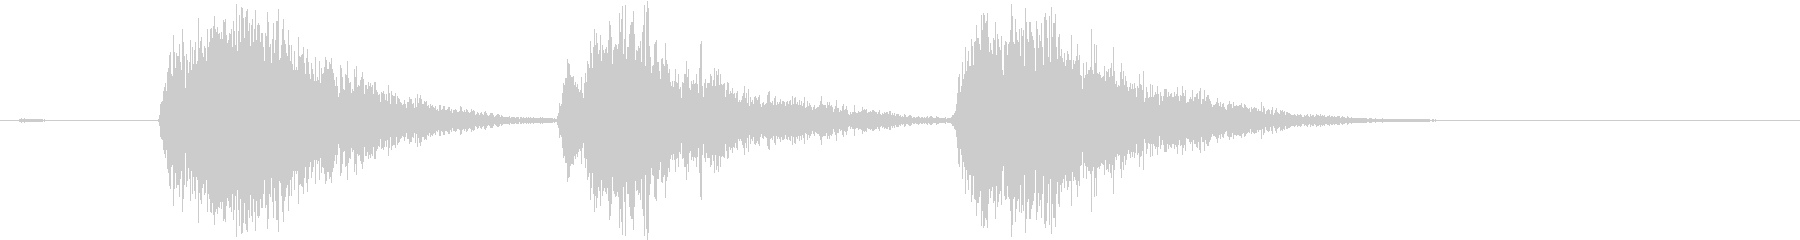 ゲーム等、開始前カウント(3-2-1)Jの未再生の波形